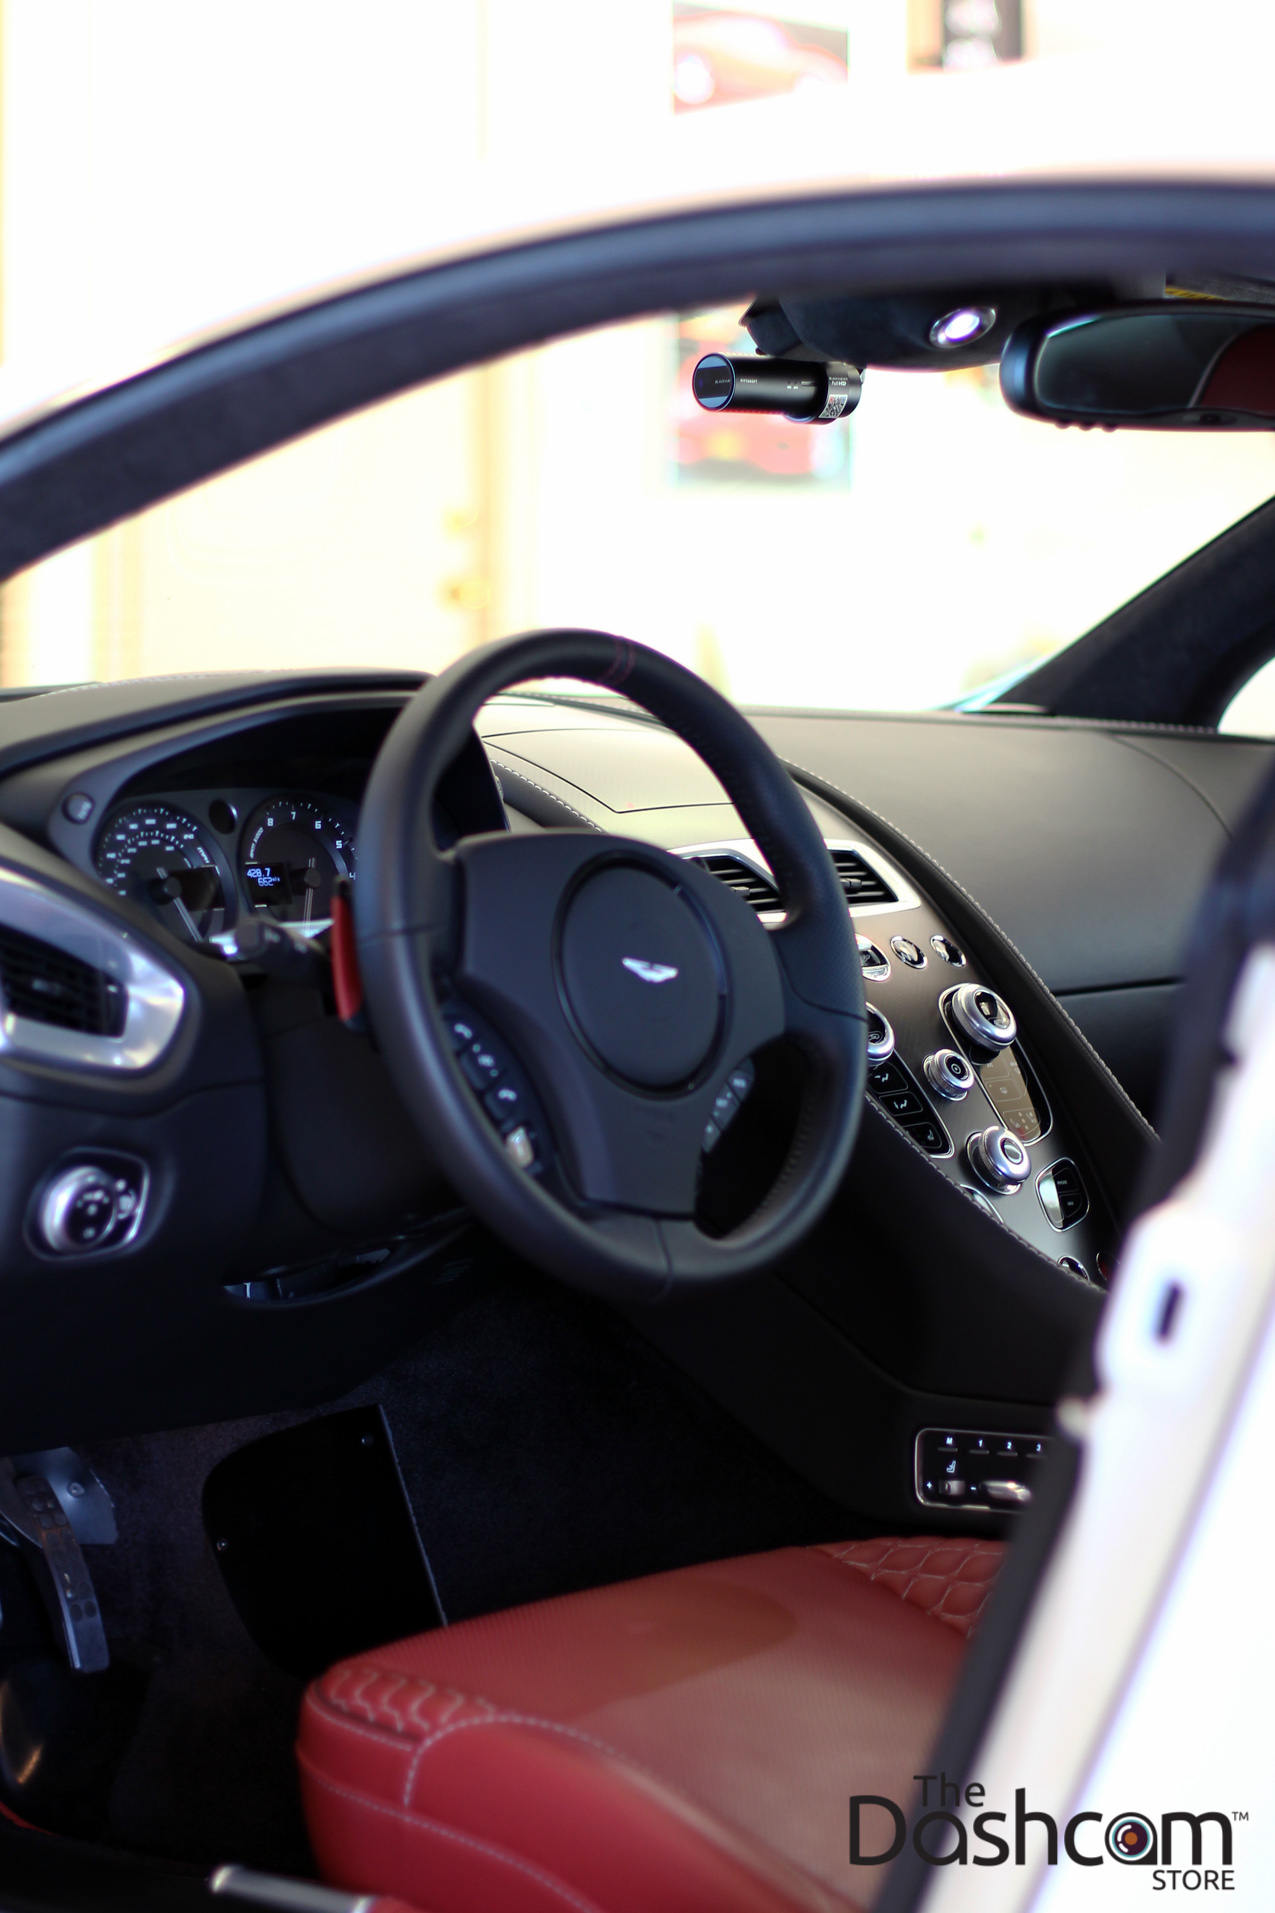 Blackvue Dr650gw 2ch Dashcam In An Aston Martin Vanquish